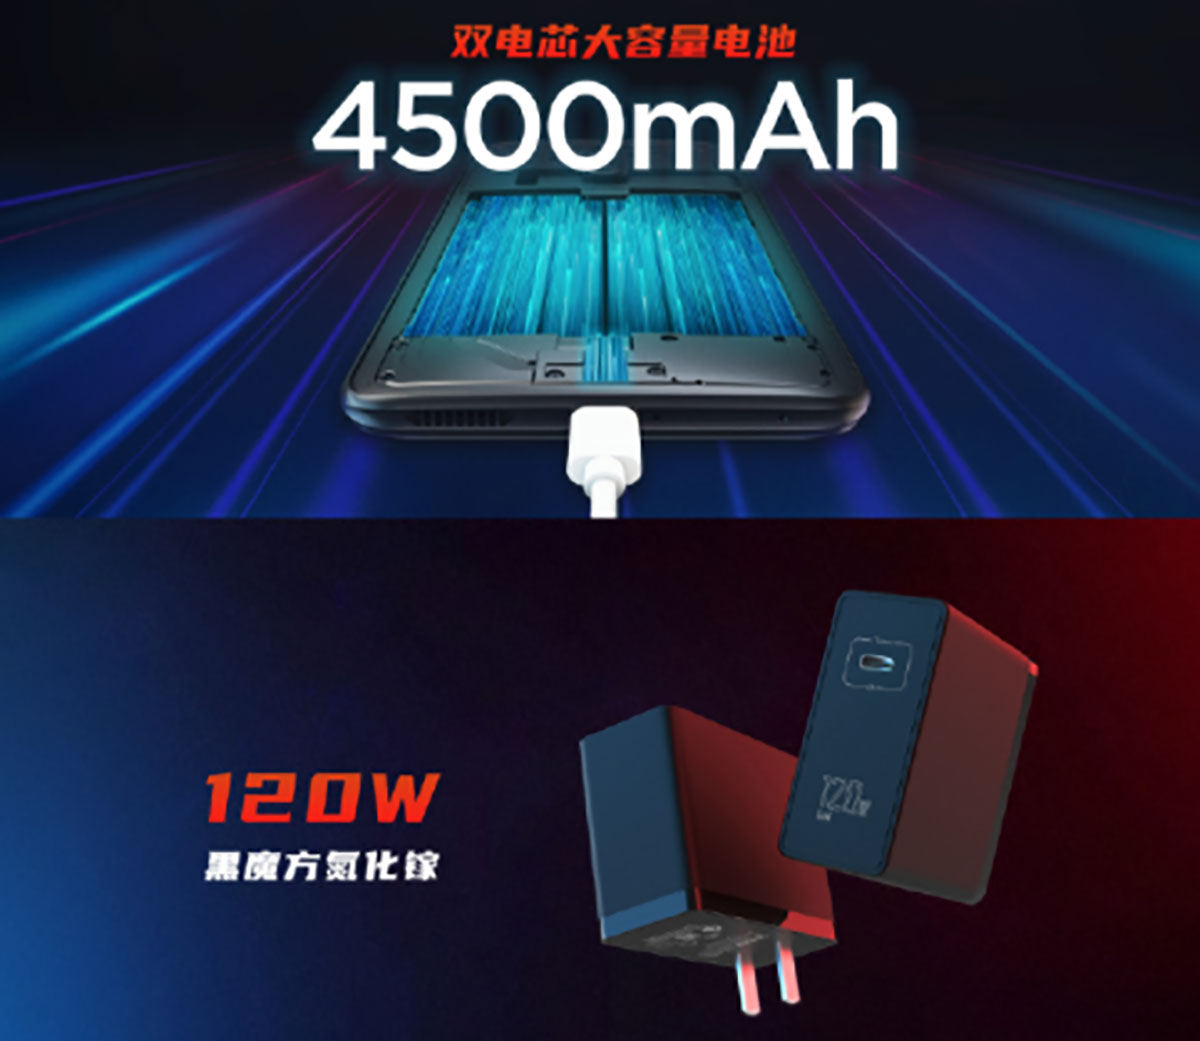 باتری Red Magic 6 Pro و فناوری شارژ سریع لو رفت